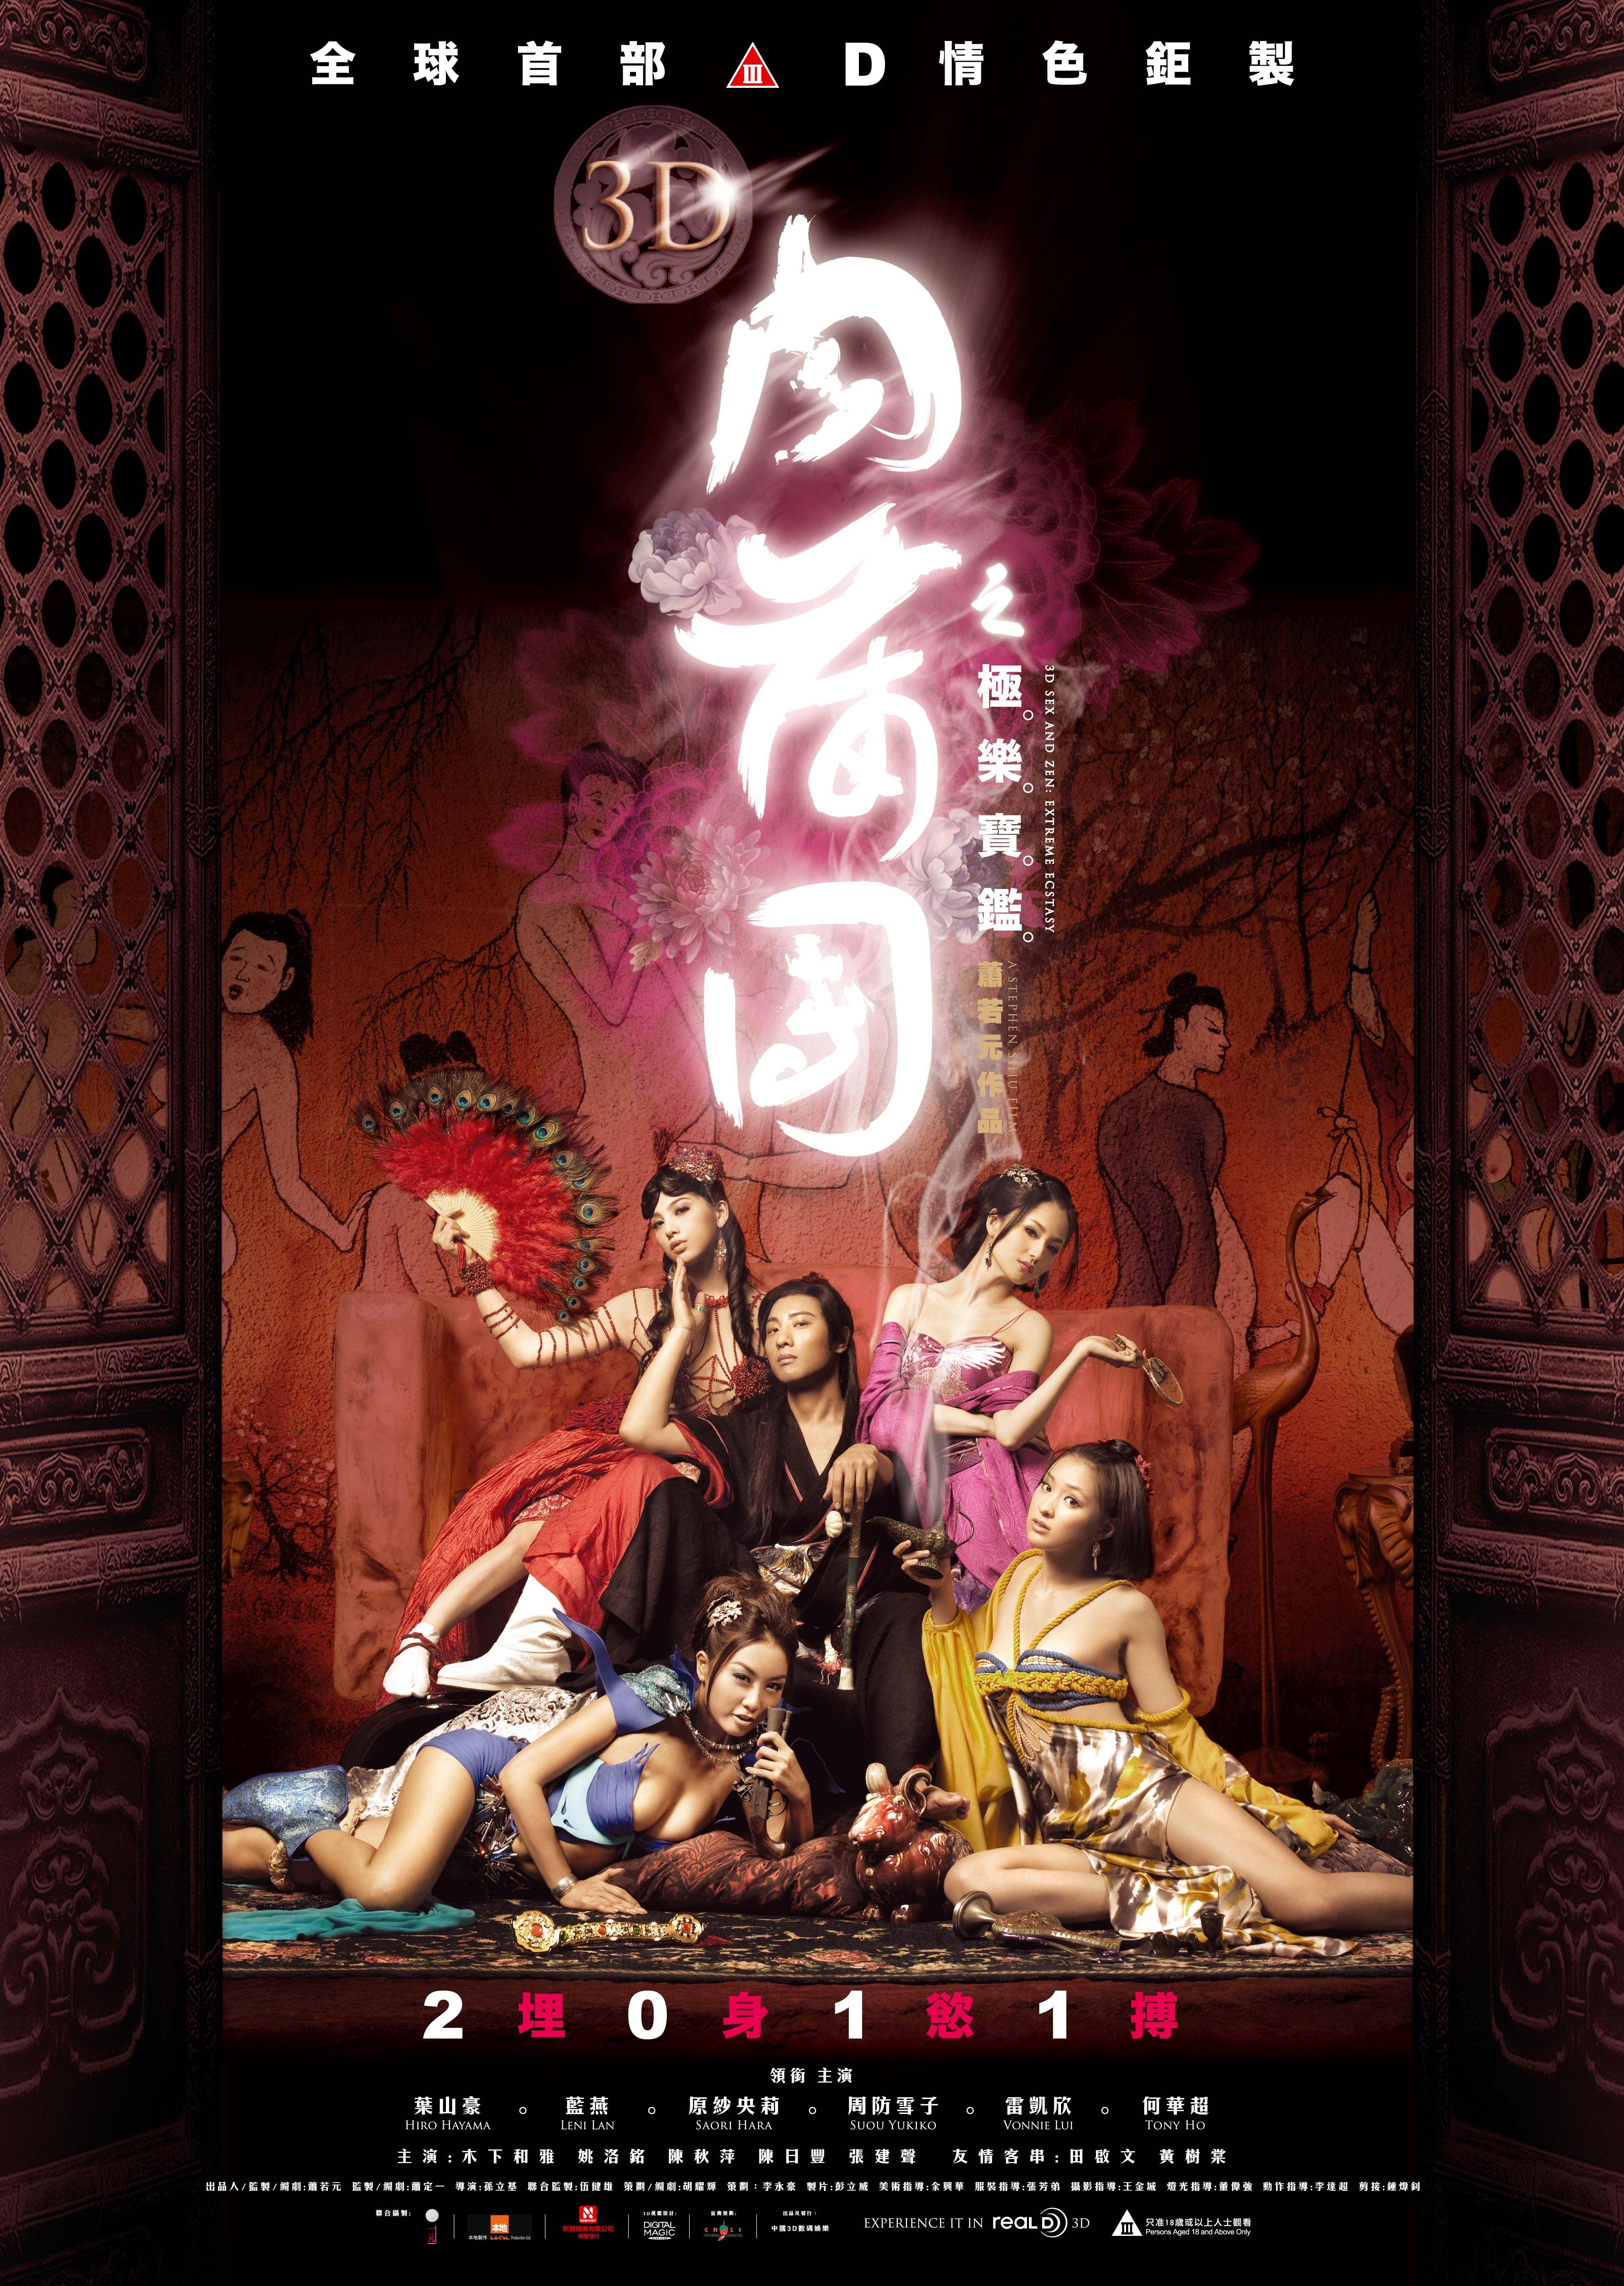 Плакат фильма постер Секс и дзен 3D Экстремальный экстаз.